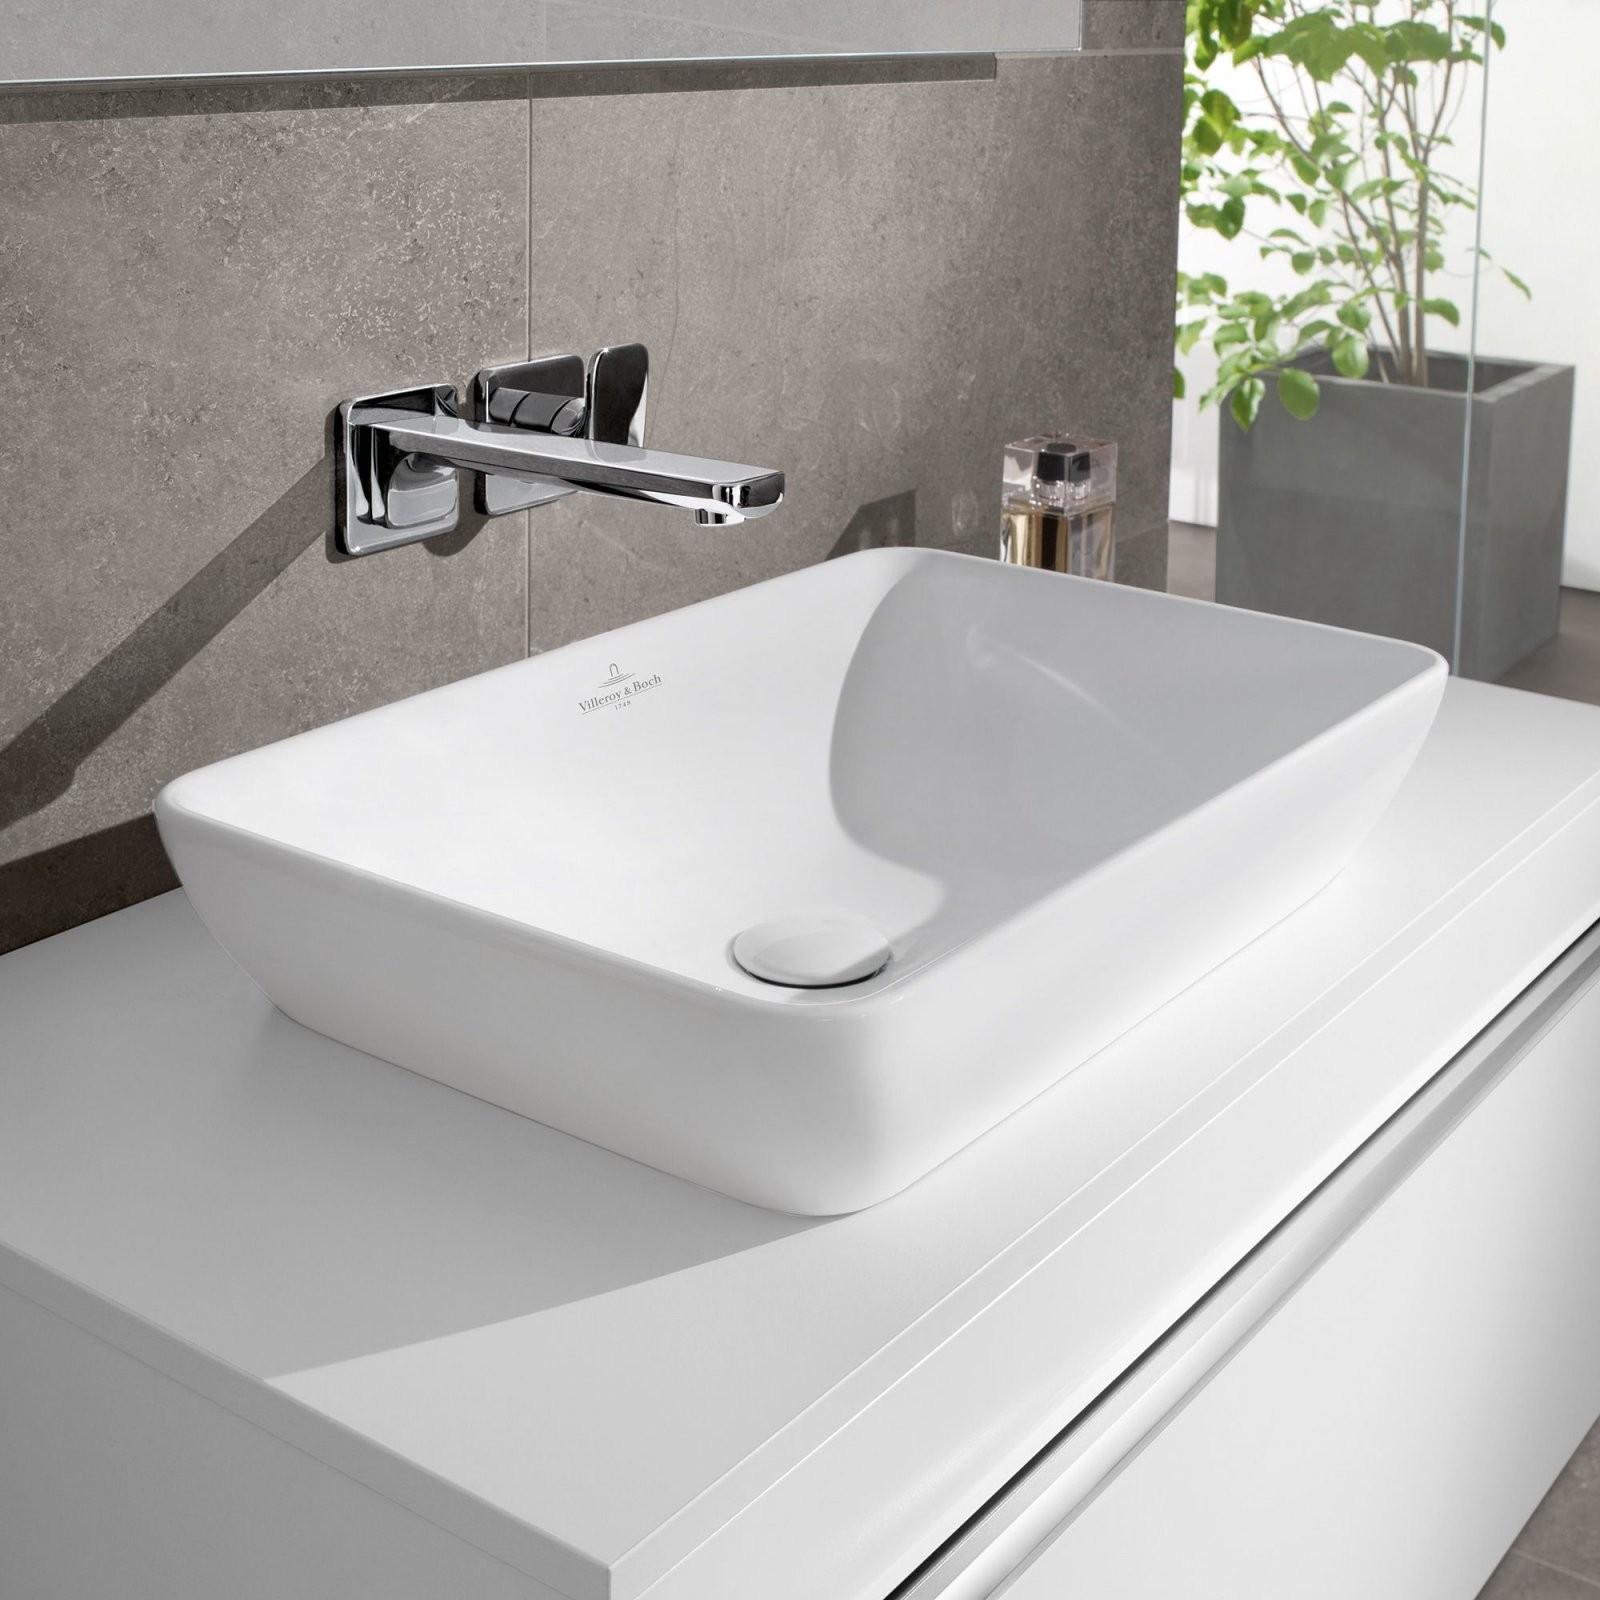 Villeroy  Boch Venticello Halbeinbauaufsatzwaschtisch Weiß Mit von Doppelwaschtisch Villeroy Und Boch Photo